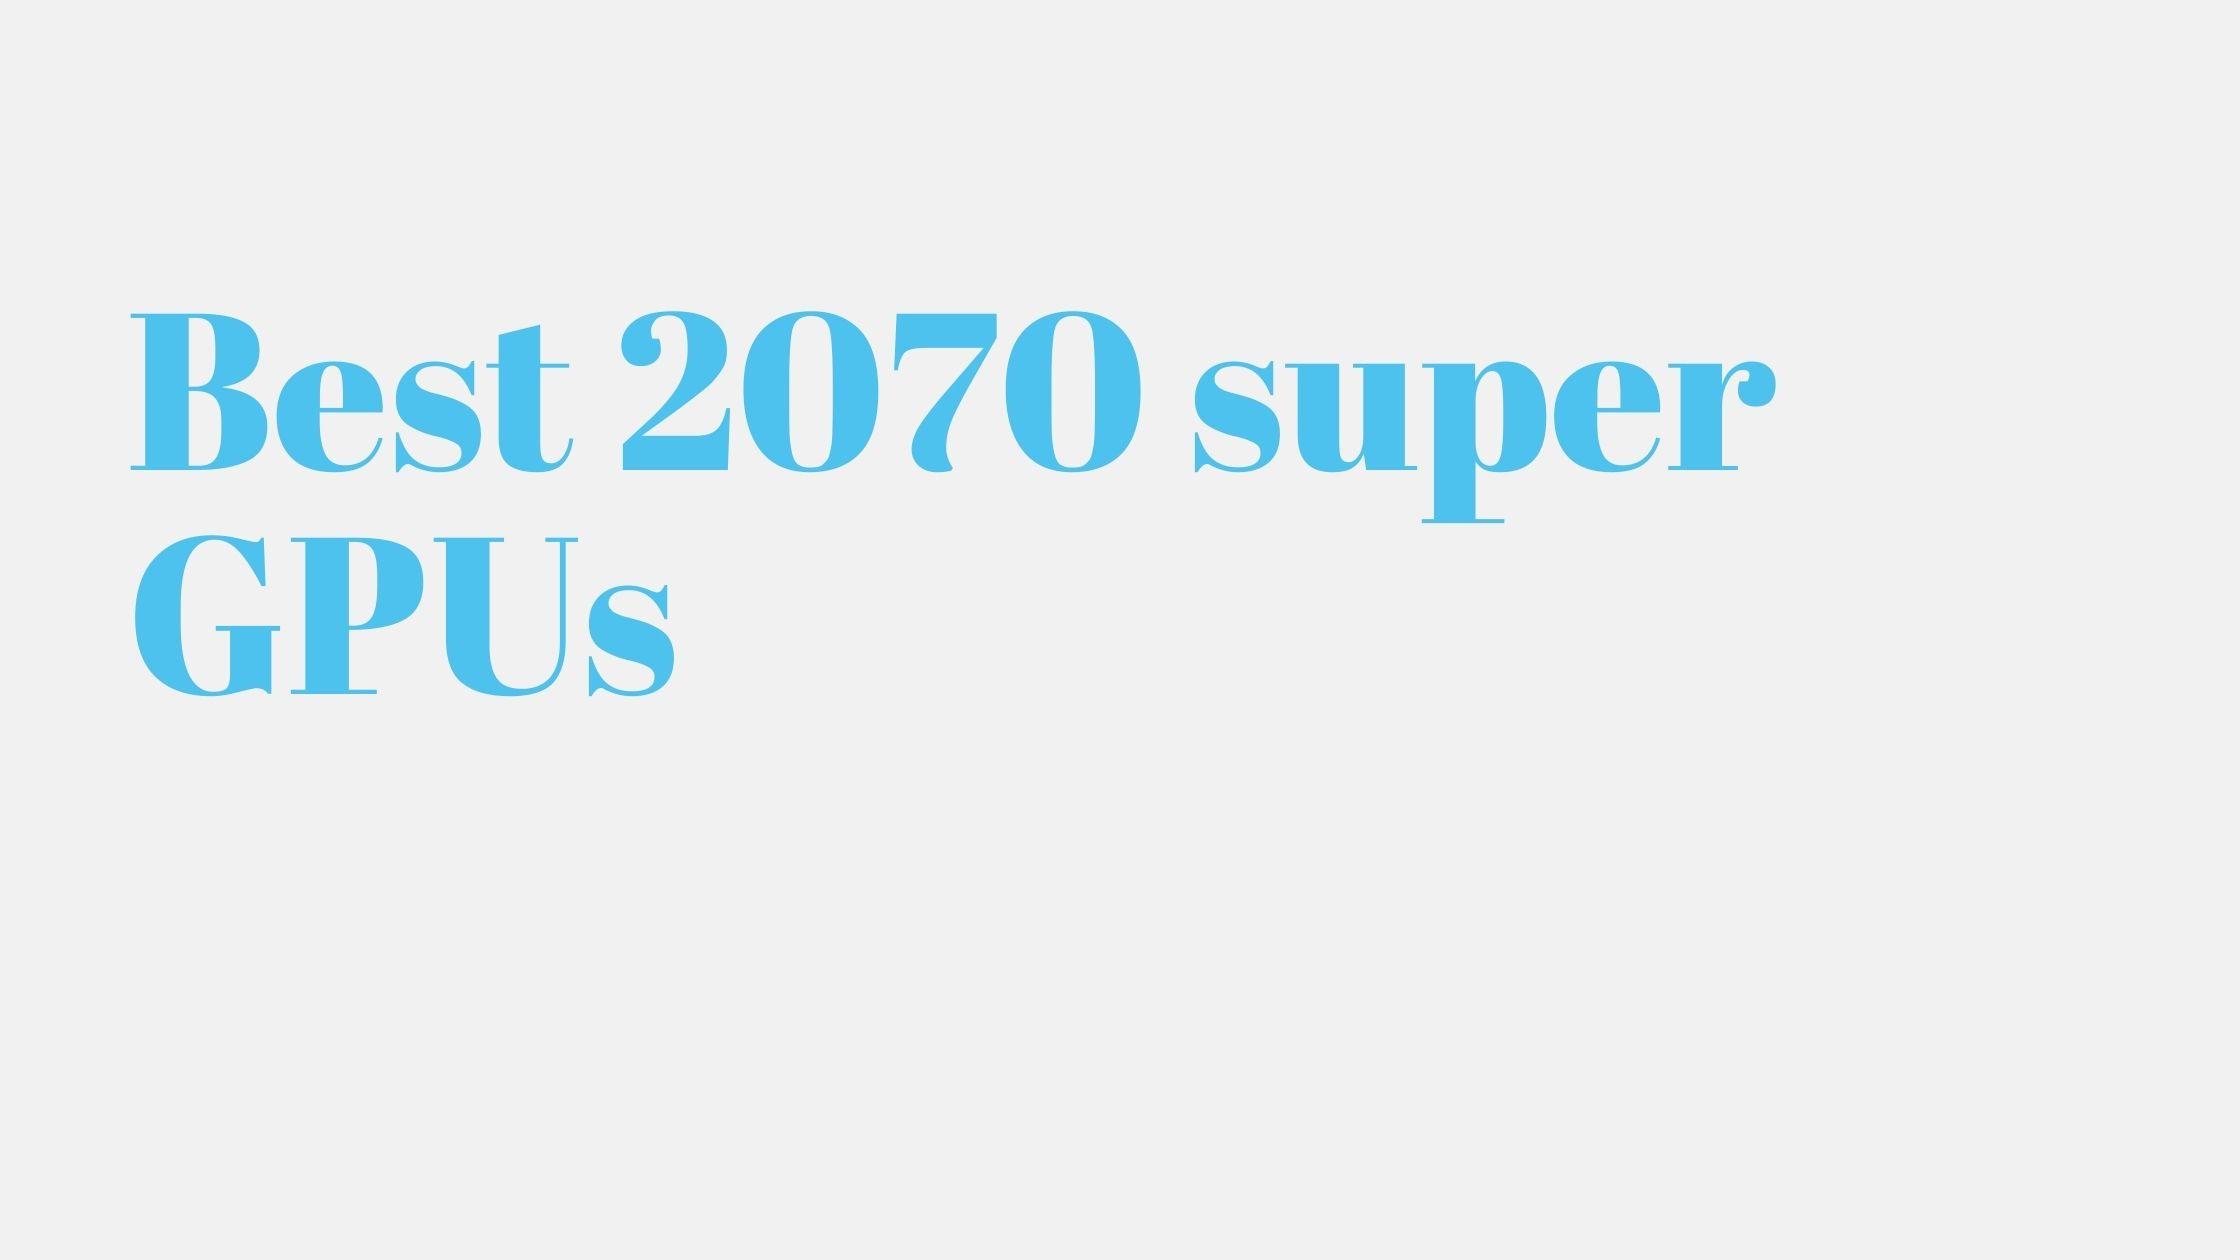 Best 2070 super GPUs